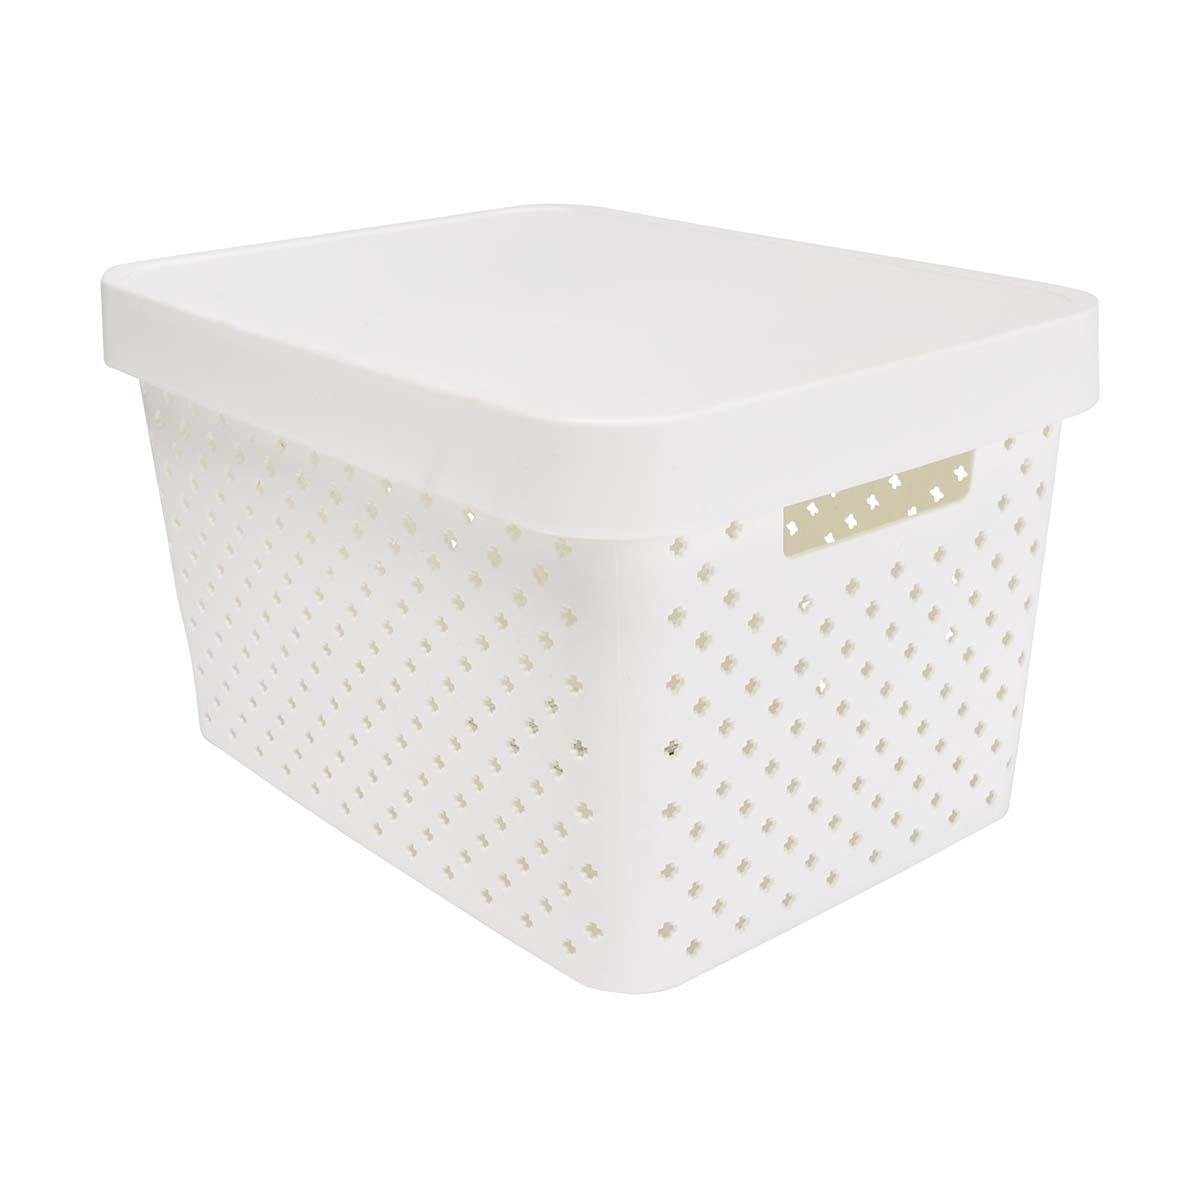 design tub with lid medium white kmart. Black Bedroom Furniture Sets. Home Design Ideas